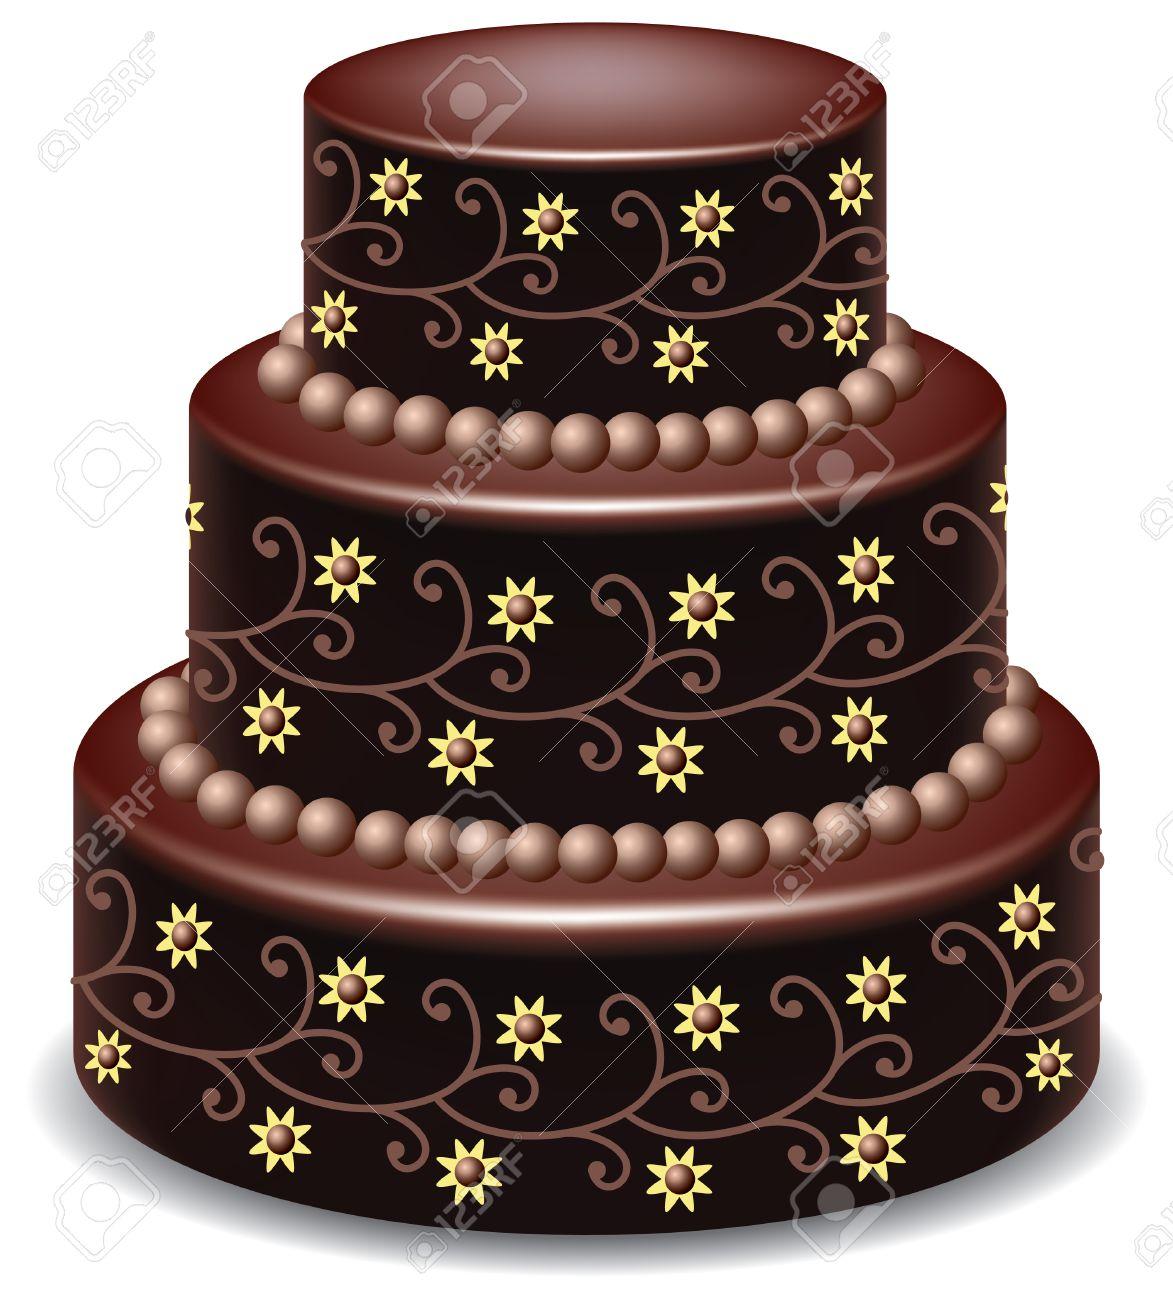 vector big delicious chocolate cake - 8926714